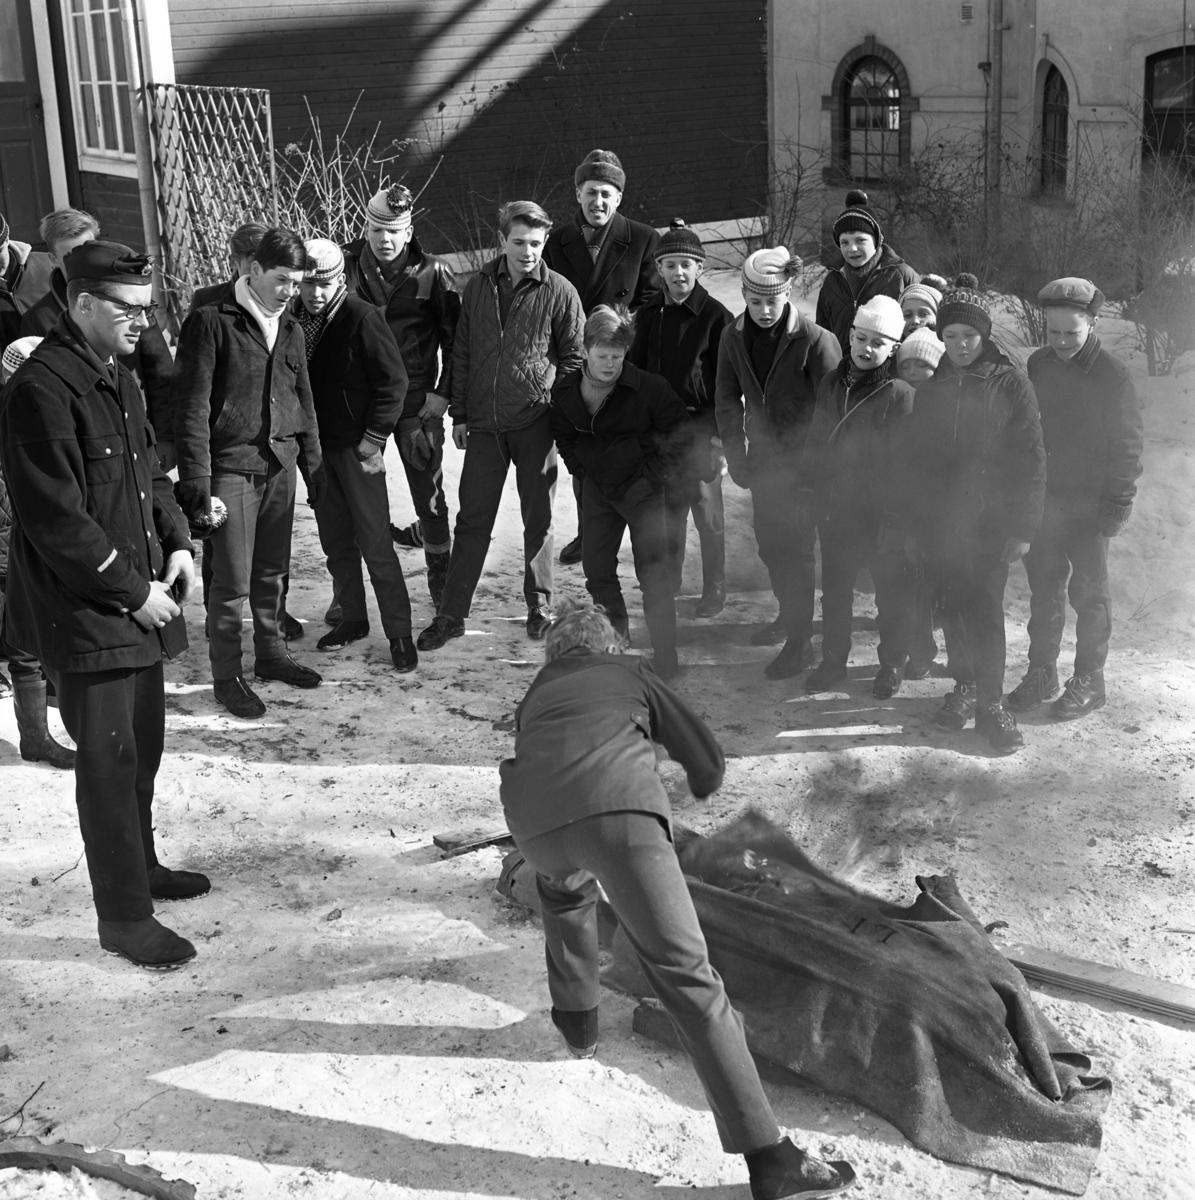 Skolelever övar brandsläckning. Brandman Håkan Waern instruerar. Det är snö och kallt. Många av pojkarna har mössa på sig. De håller till bakom brandstationen på Strandvägen.